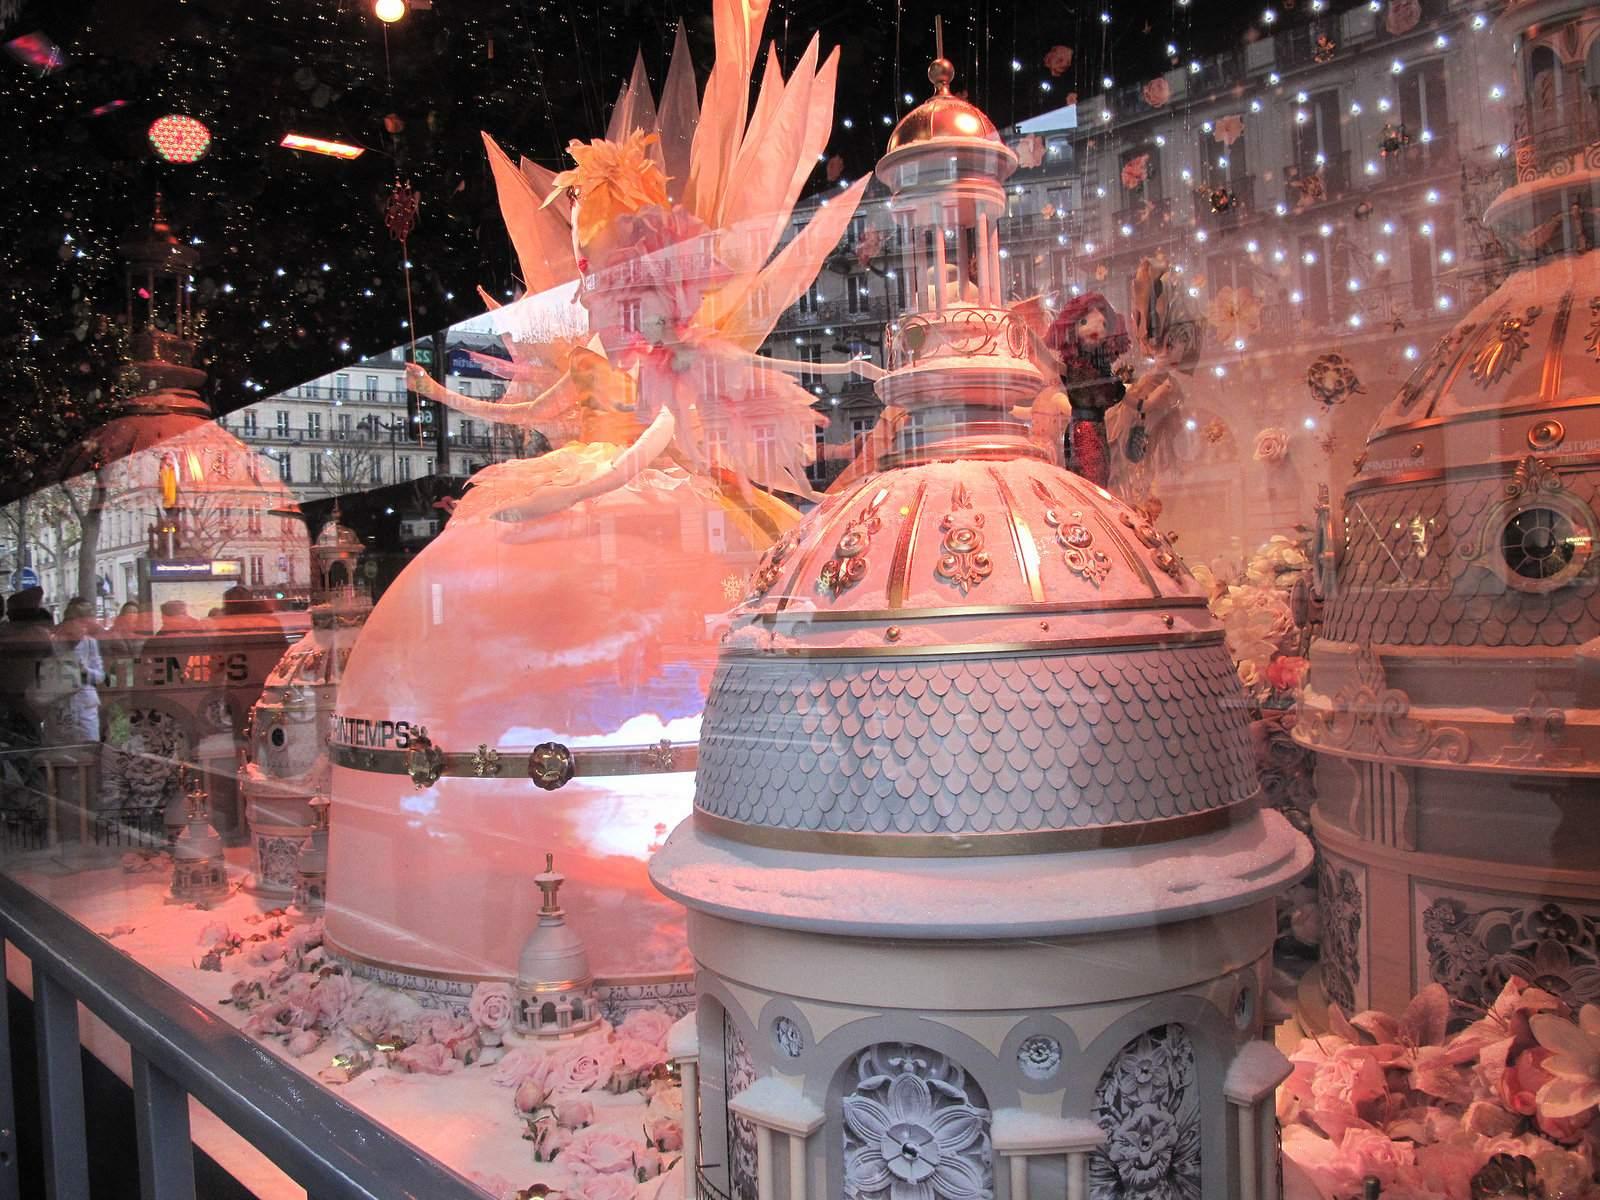 vitrines noel9 Christmas window displays in Paris